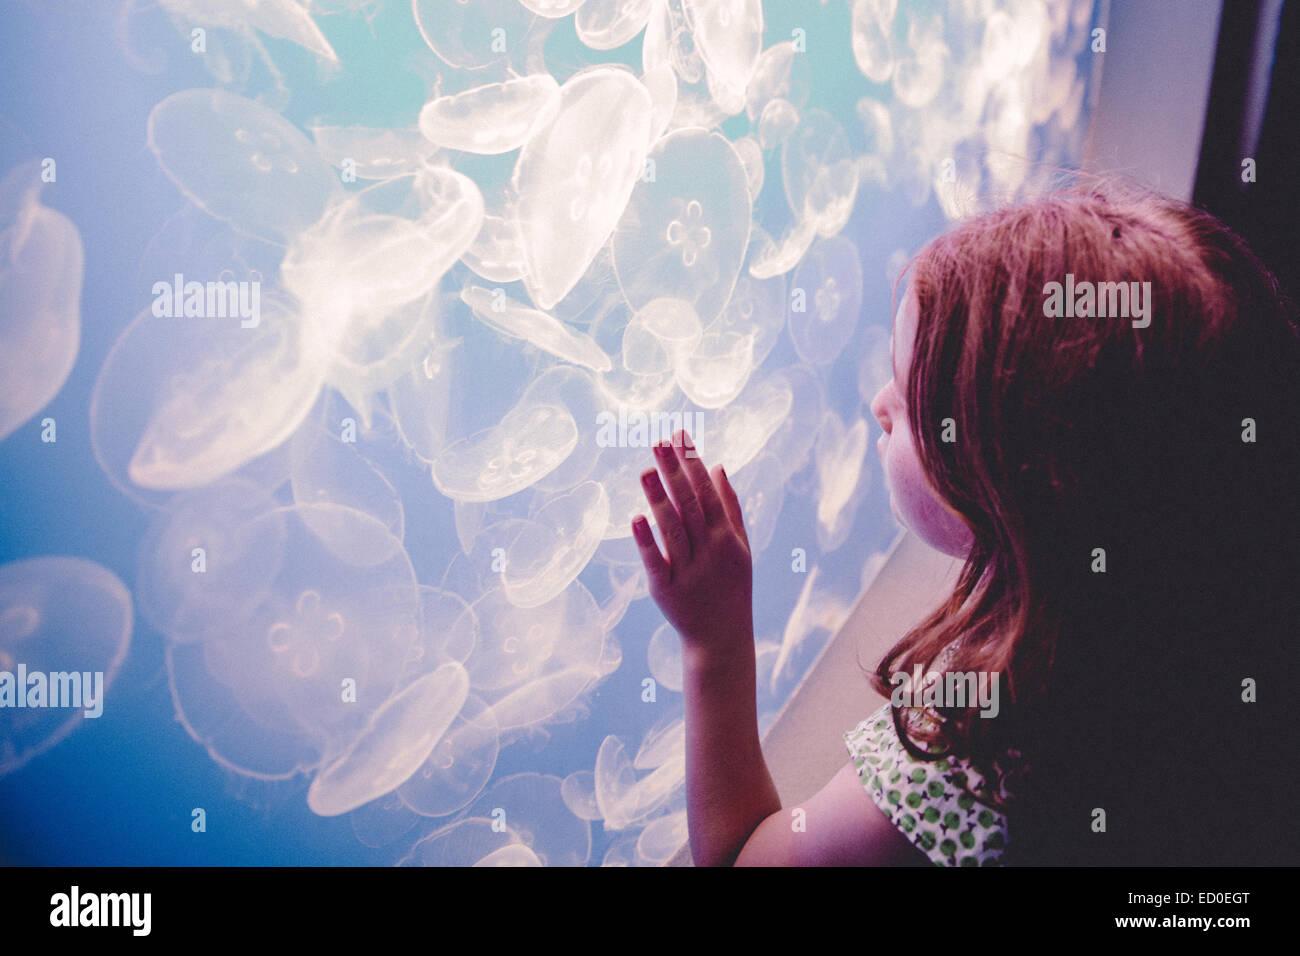 Chica (6-7), viendo las medusas en el acuario Imagen De Stock